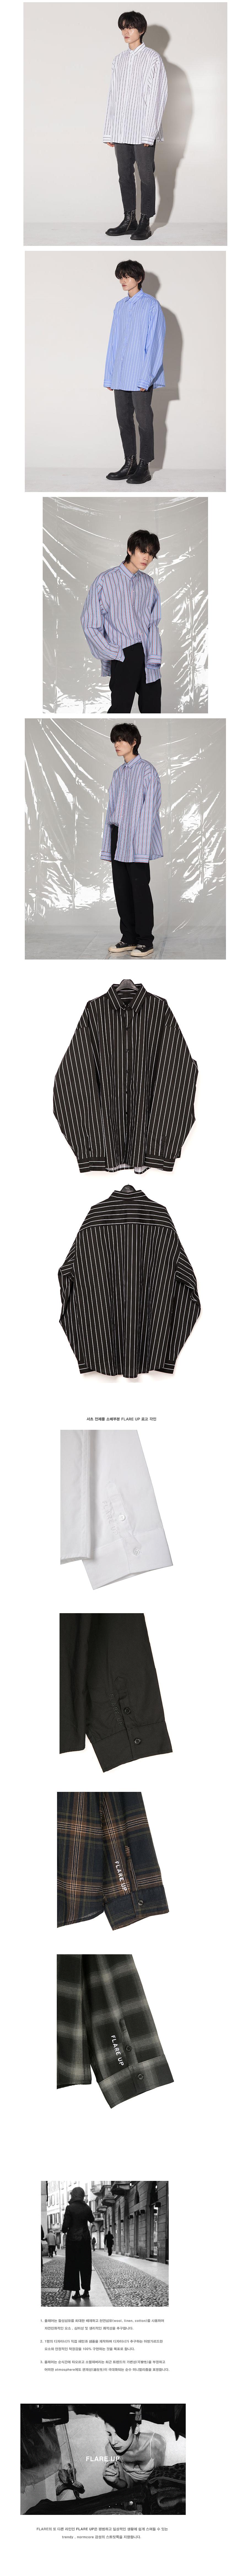 플레어업(FLAREUP) 오버사이즈 셔츠 / 스트라이프 셔츠 #빈티지 블랙 (FU-119)